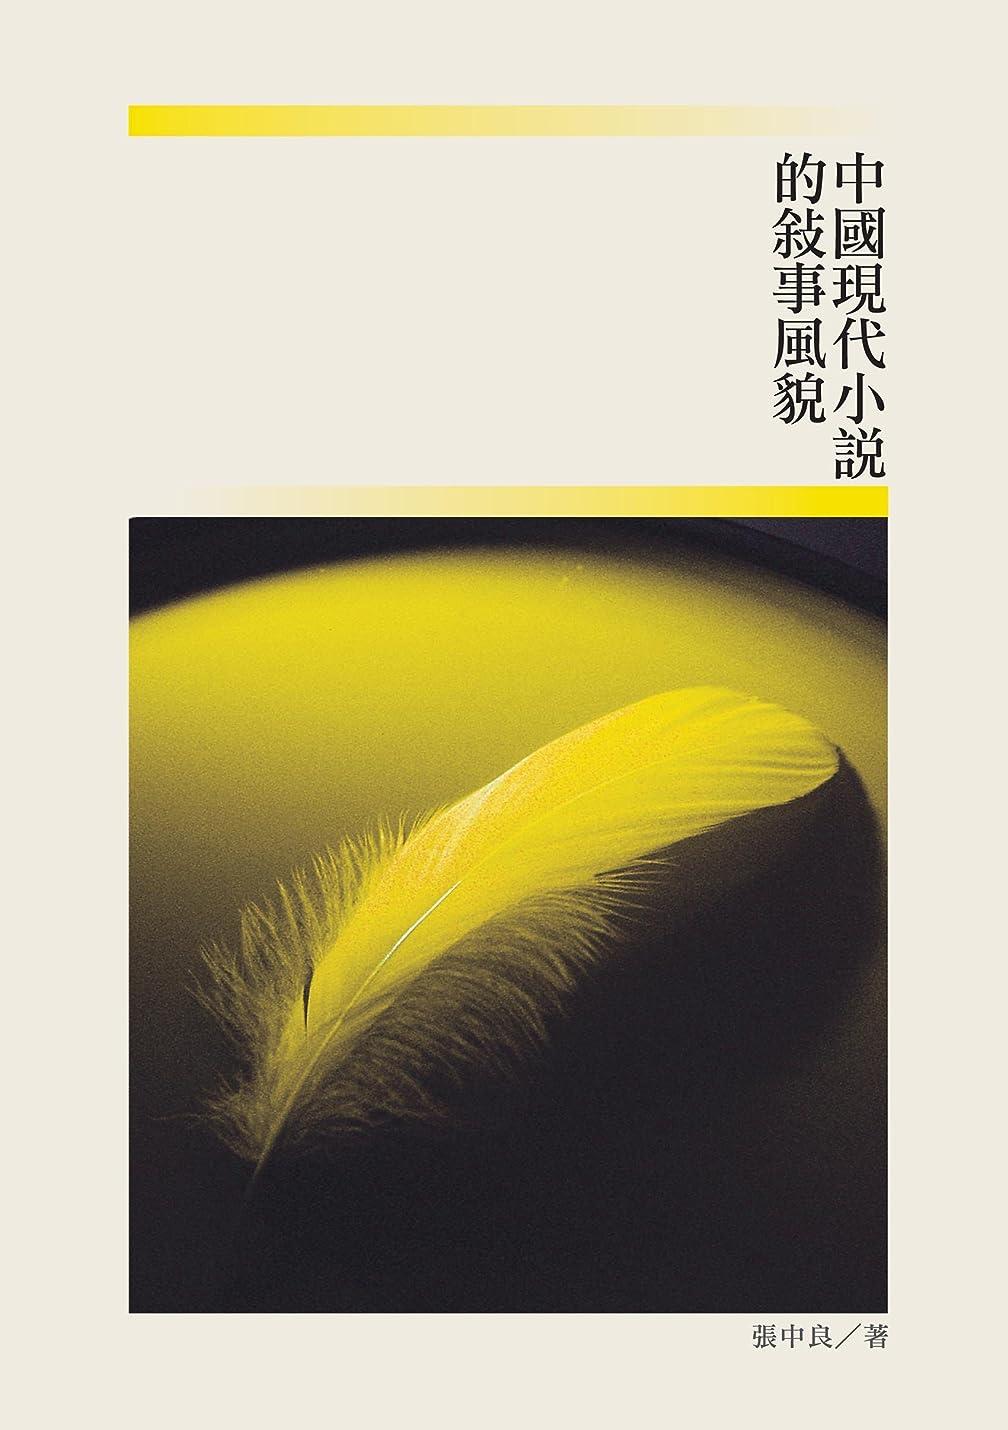 いたずら作りアナウンサー中國現代小說的敘事風貌 (Traditional Chinese Edition)